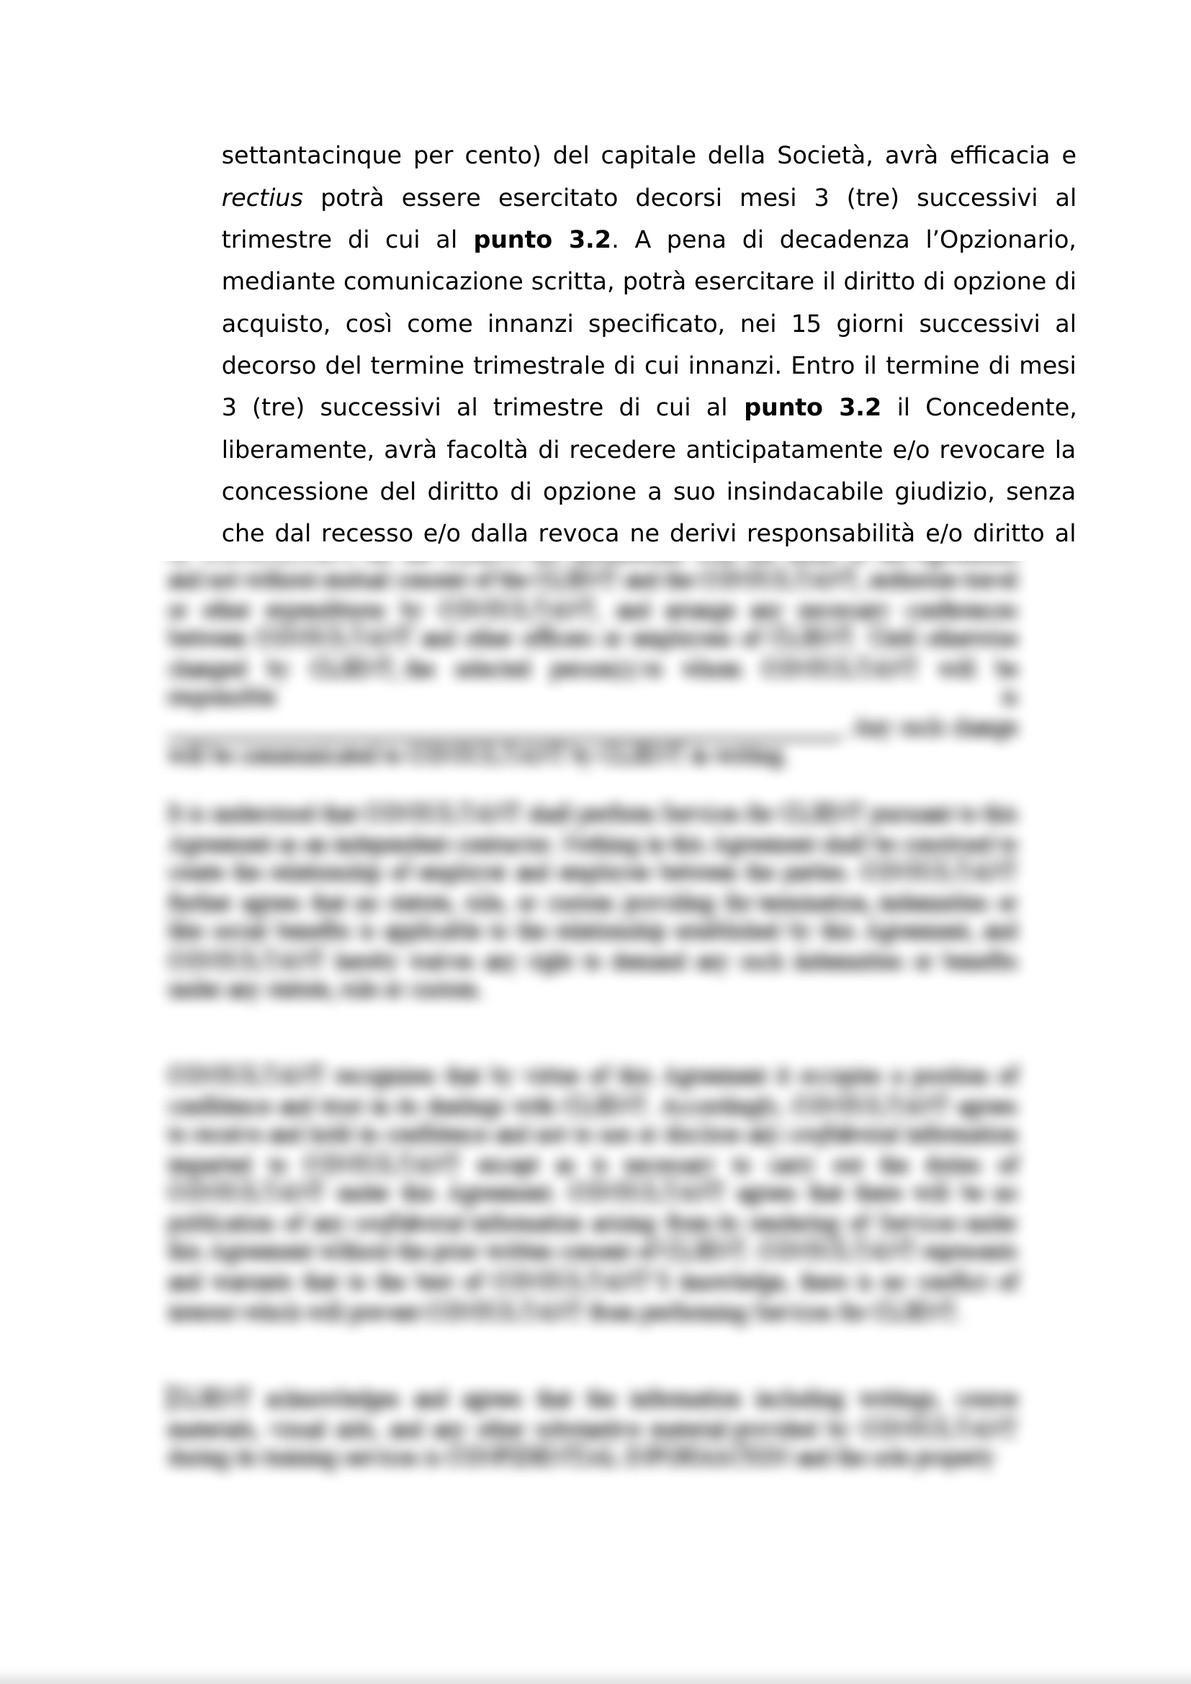 ACCORDO PER L'ATTRIBUZIONE DI DIRITTI DI OPZIONE DI ACQUISTO-3